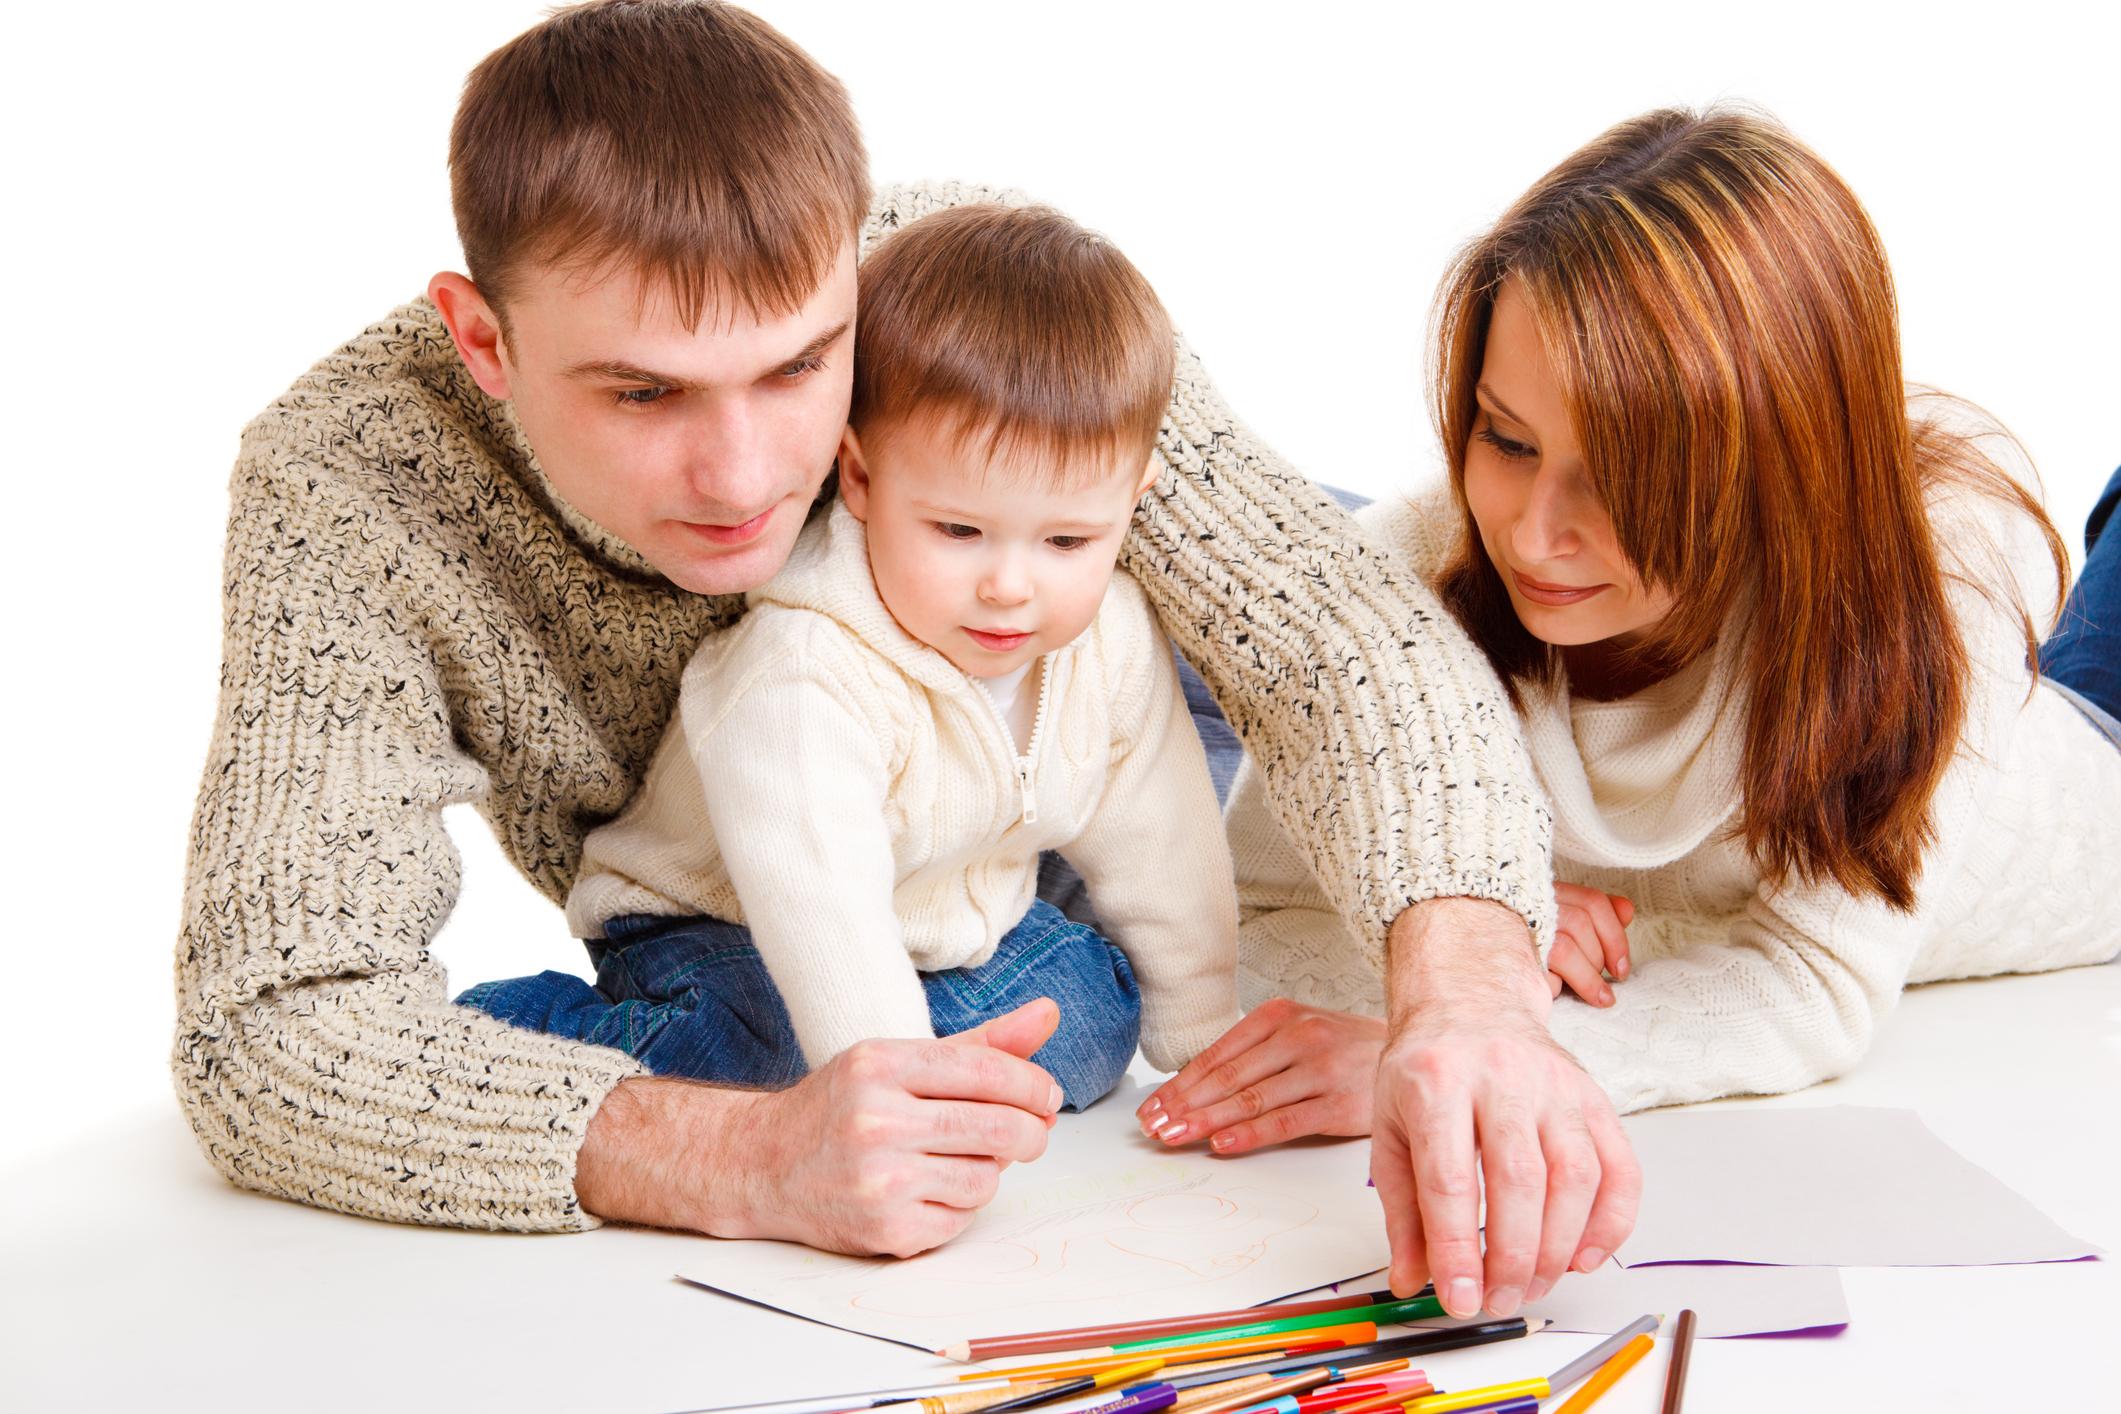 Ways to Motivate Your Children